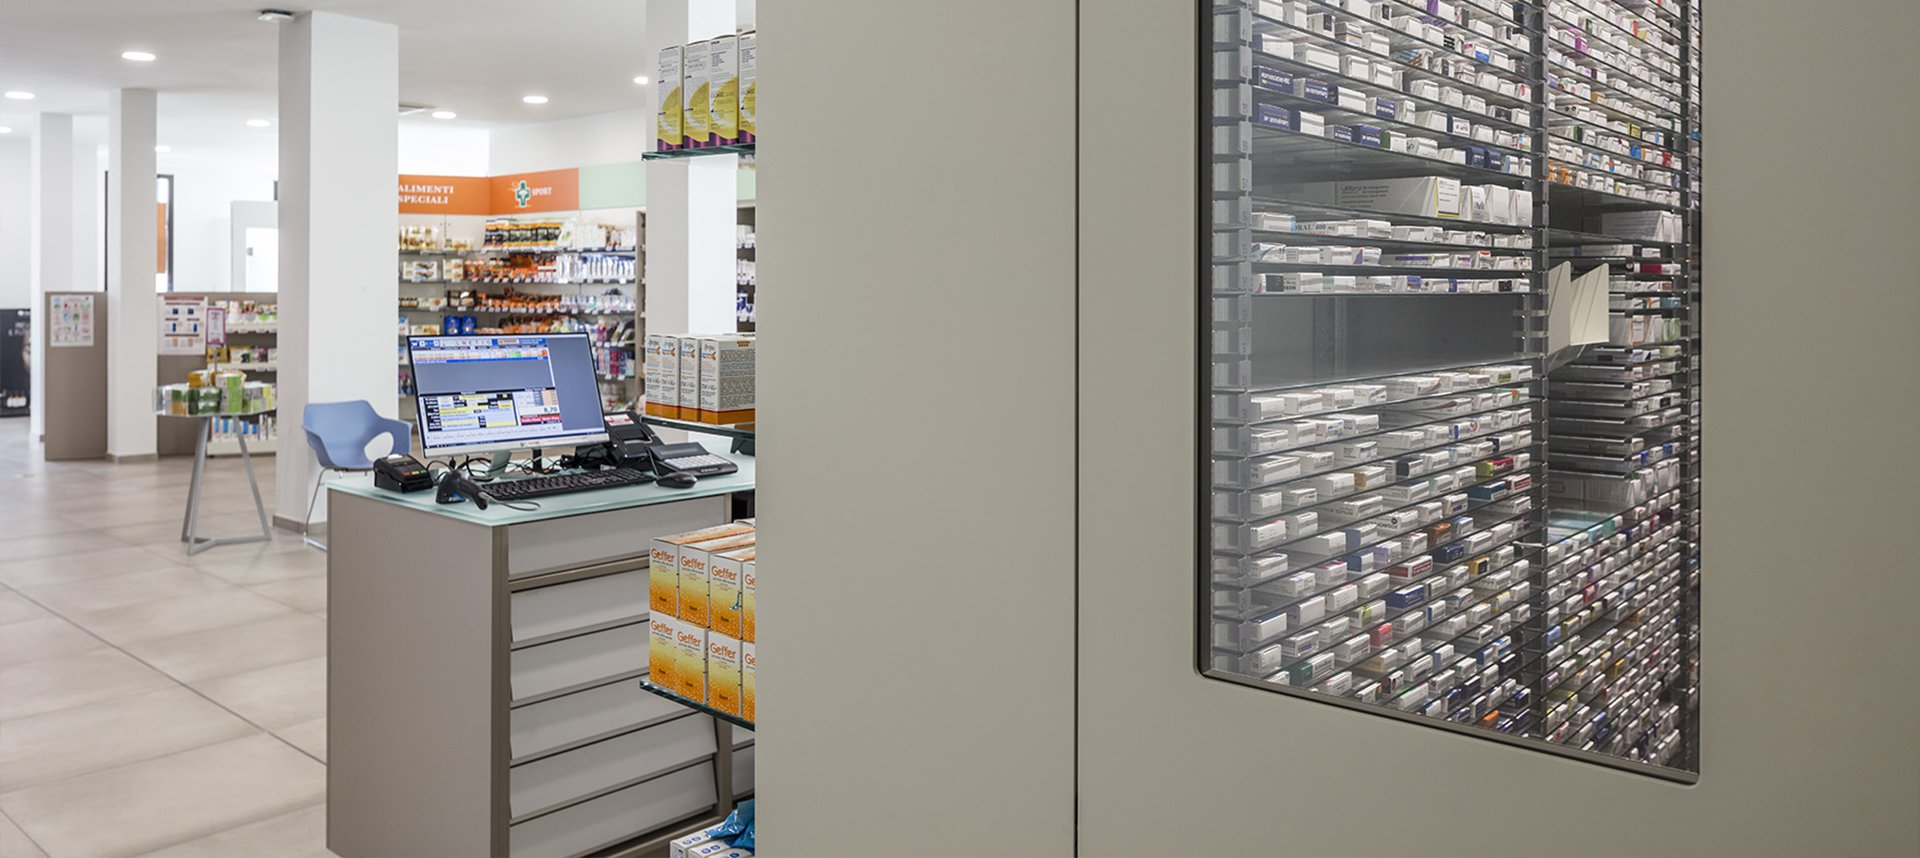 Robot farmacie Comunale di Pistoia n.2 - vista dal robot verso il locale